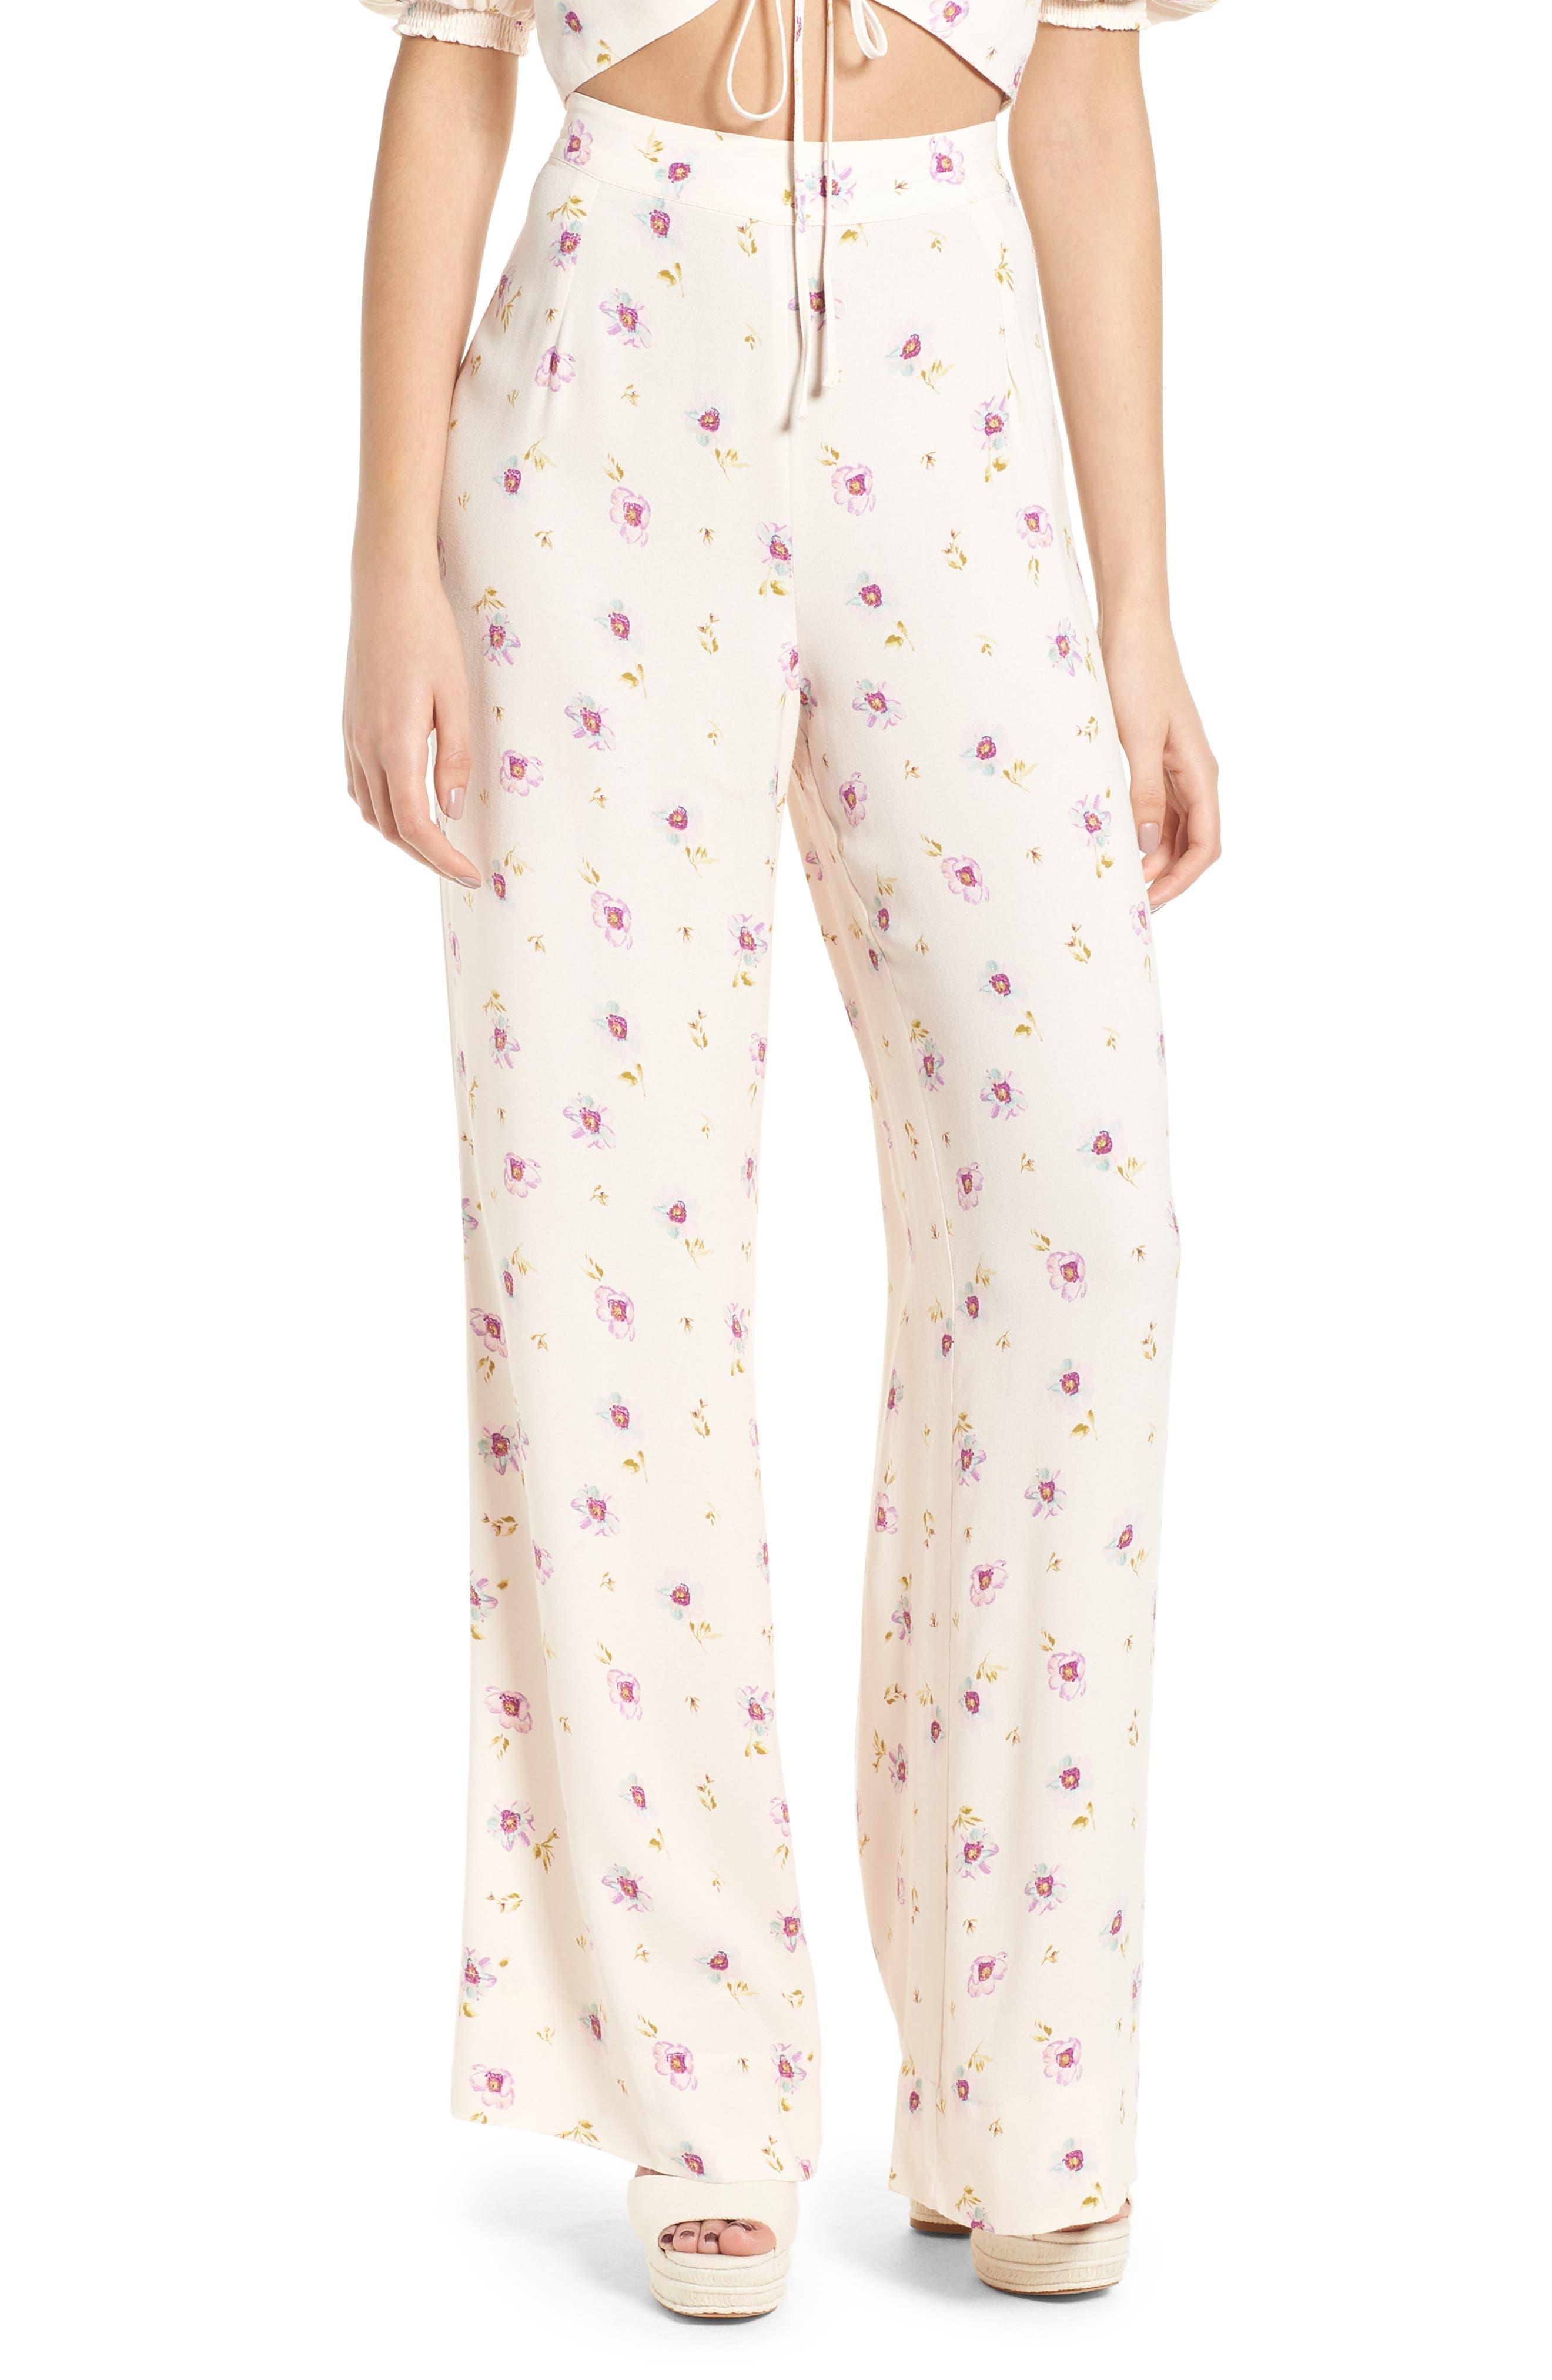 Carter High Waist Wide Leg Pants,                         Main,                         color, Lilac Floral